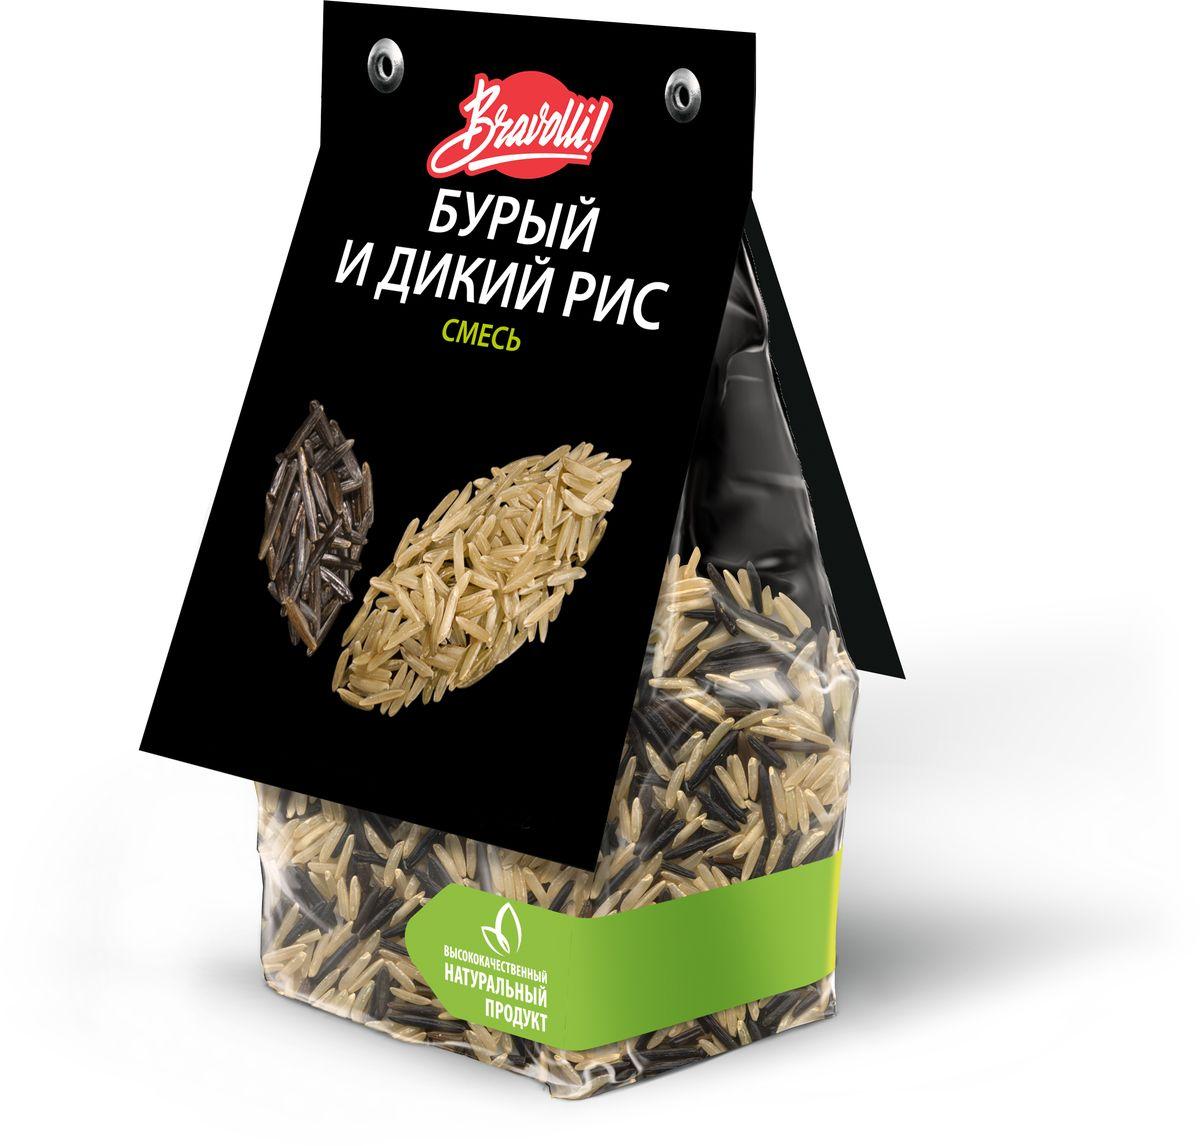 Bravolli Смесь бурый и дикий рис, 350 г цены